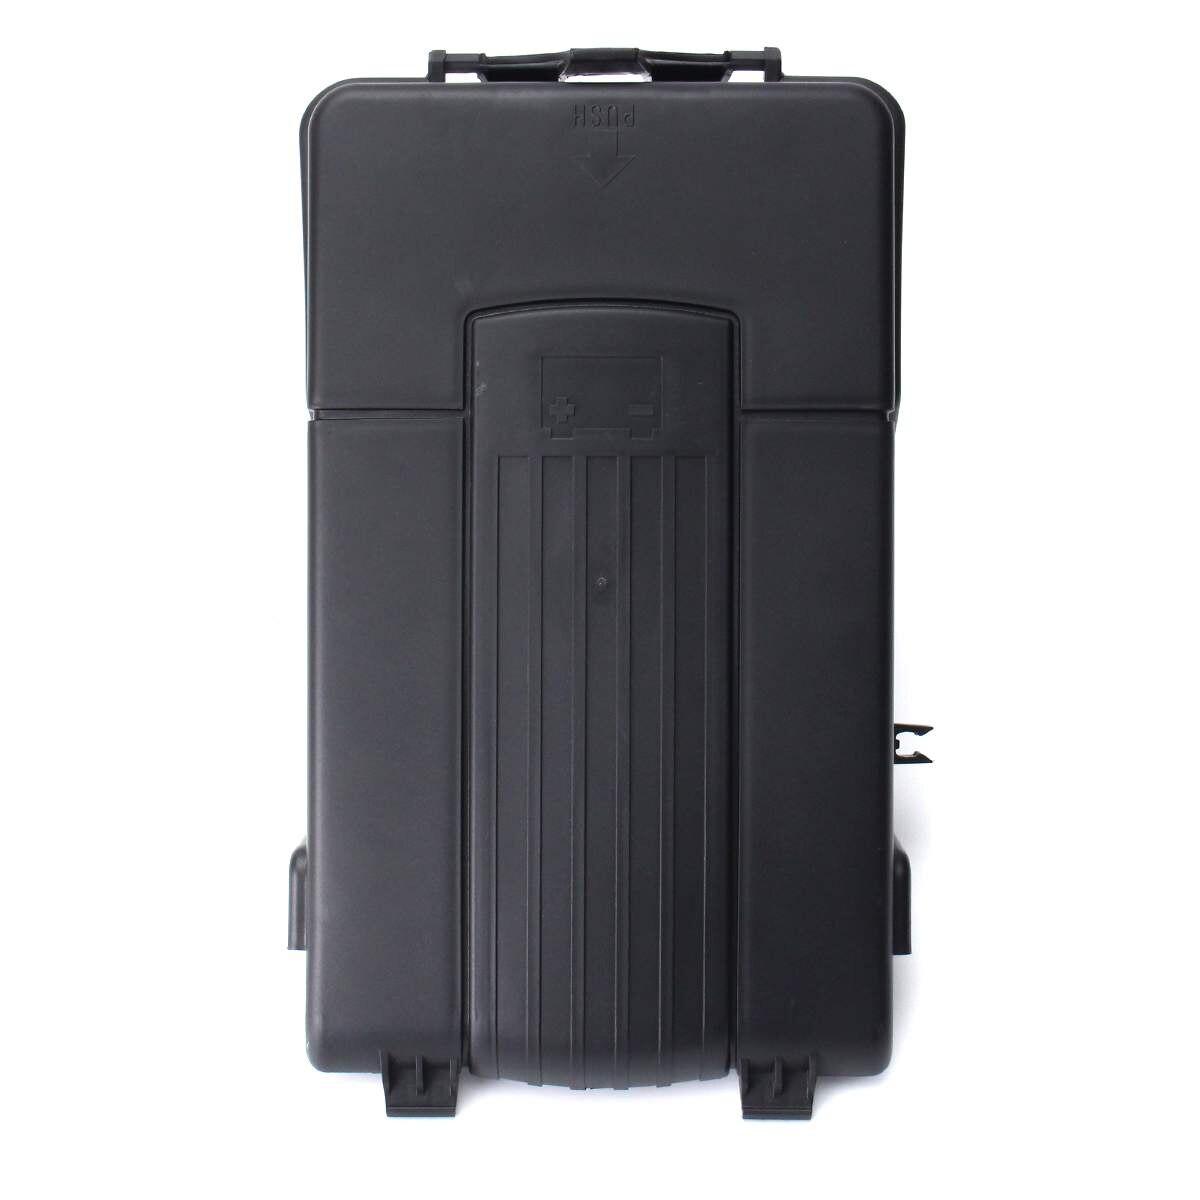 Новая крышка батареи верхняя крышка лотка подходит для VW Golf MK5 6 Jetta MK6 Passat B6 Tiguan Scirocco пластик 1K0 915 443